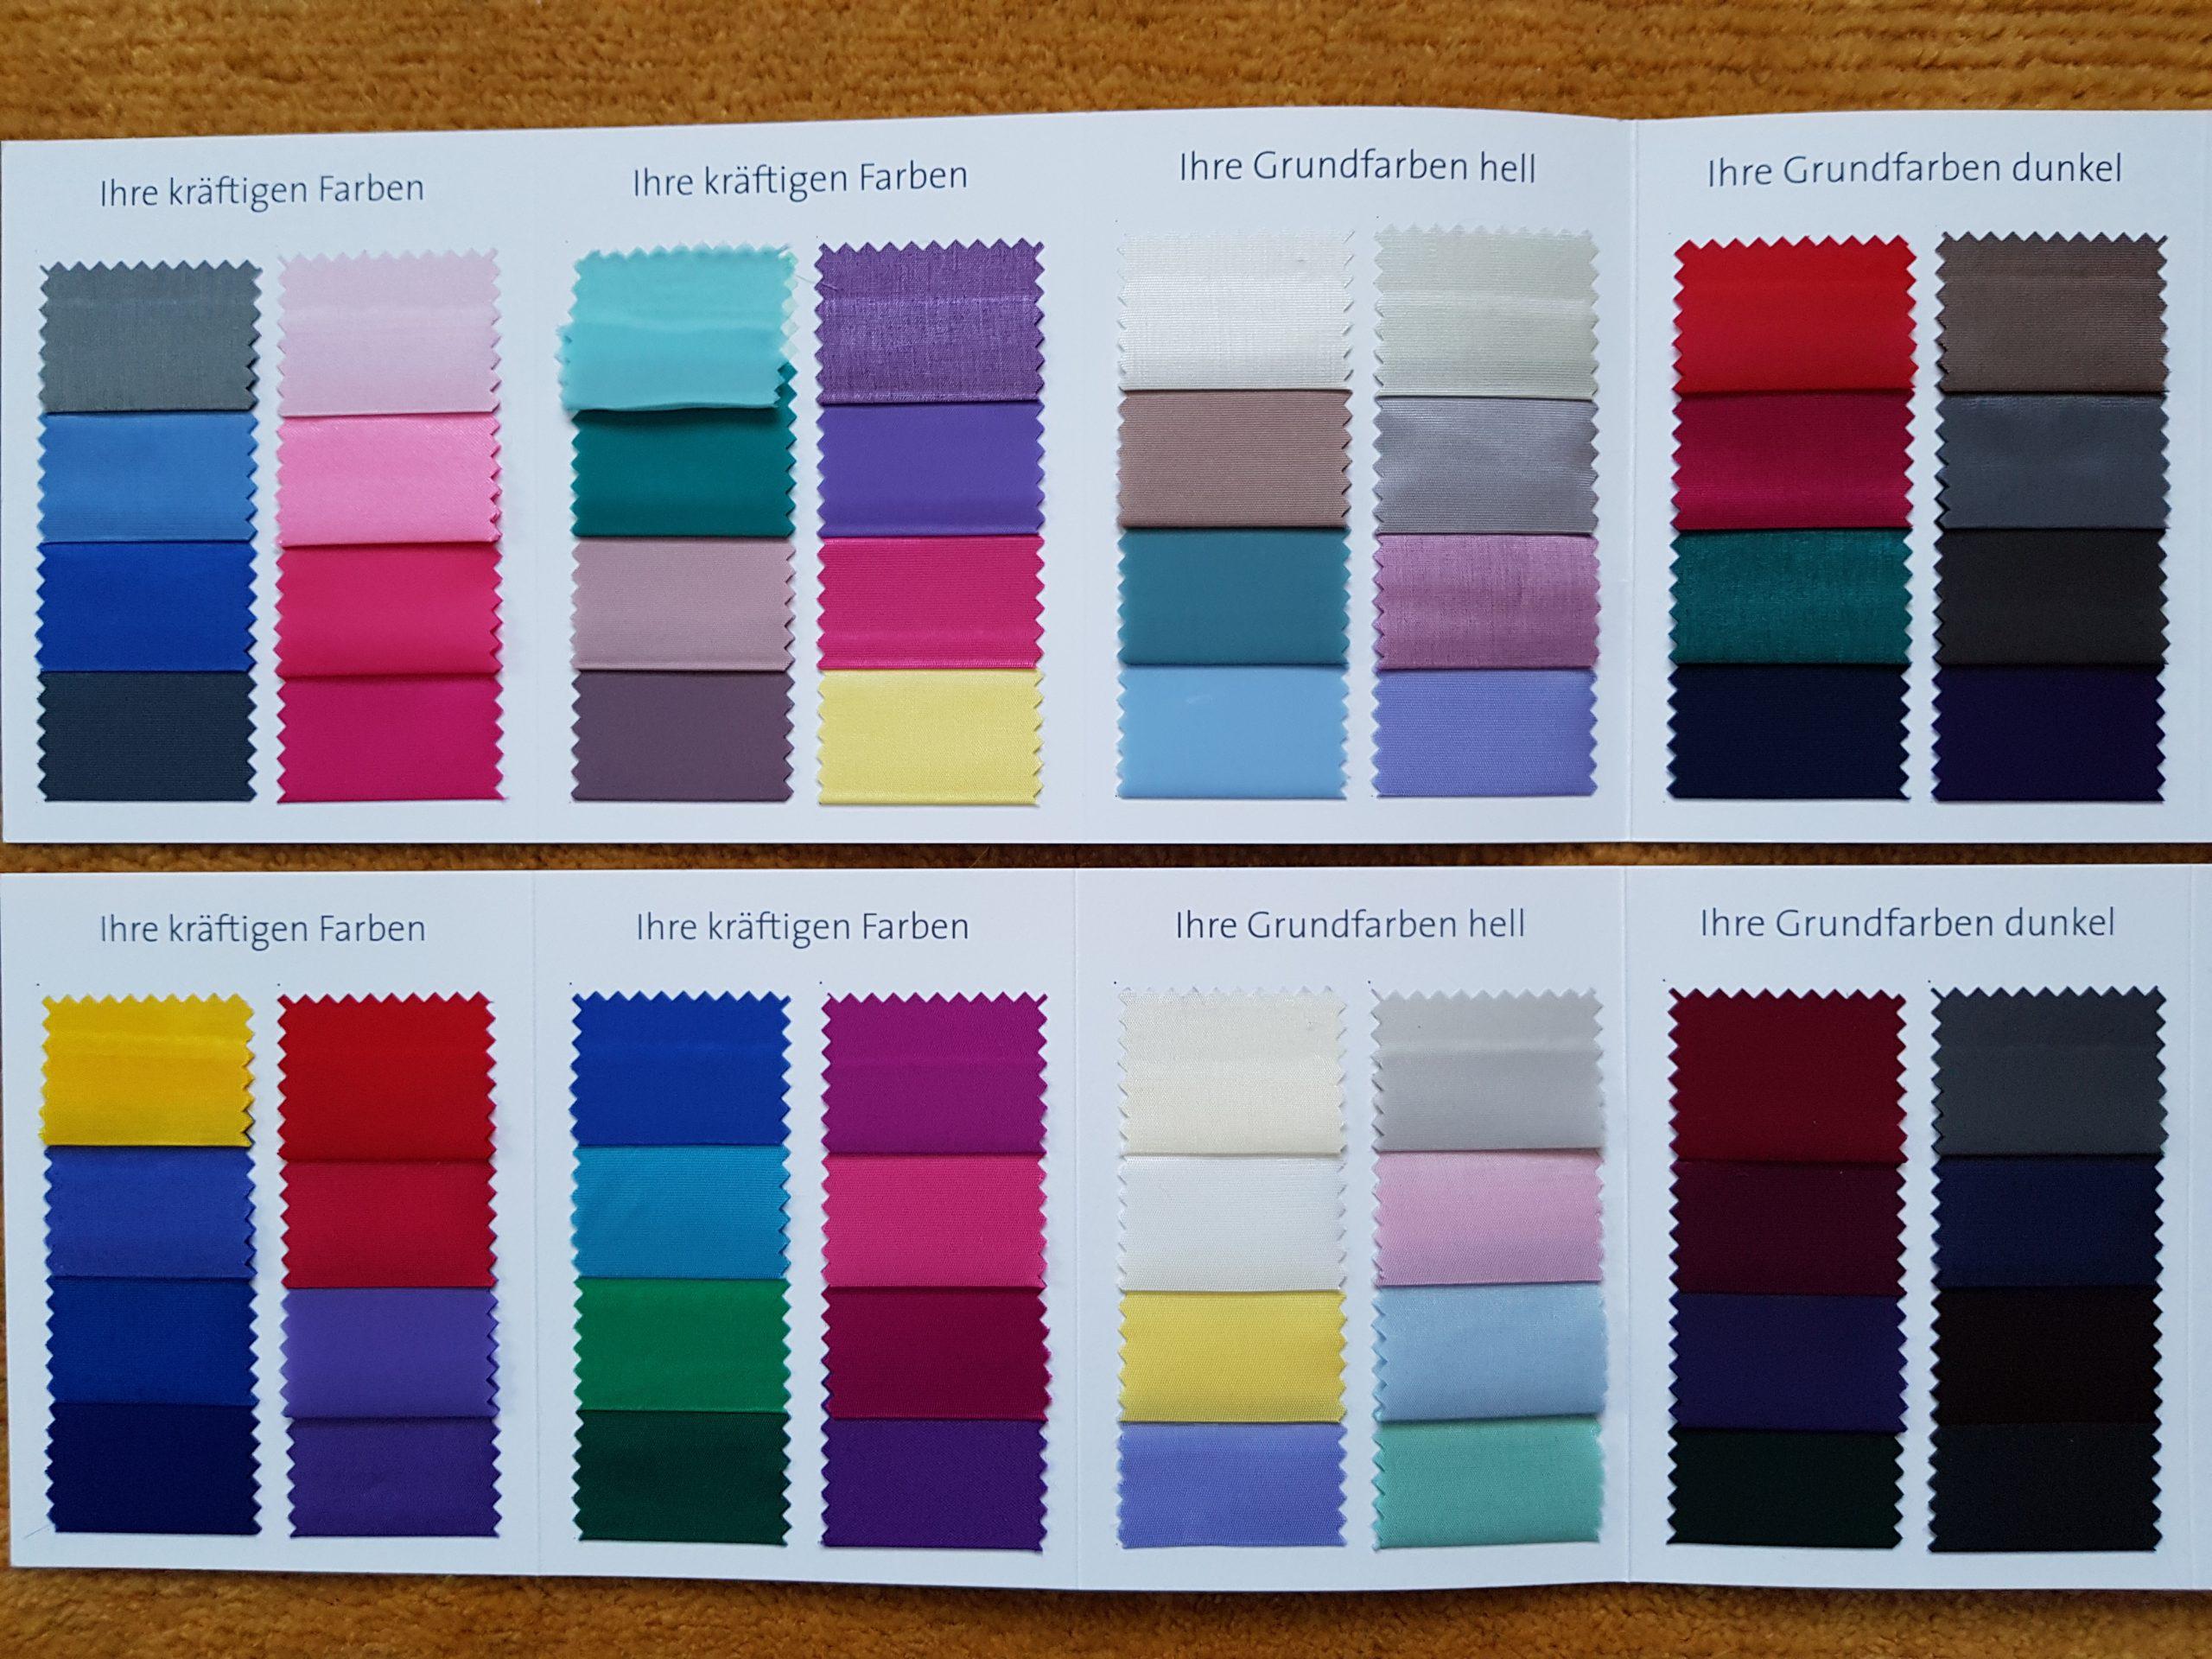 Wie Sie Ihre Garderobe geschickt kombinieren können mittels eines Farbkonzeptes.